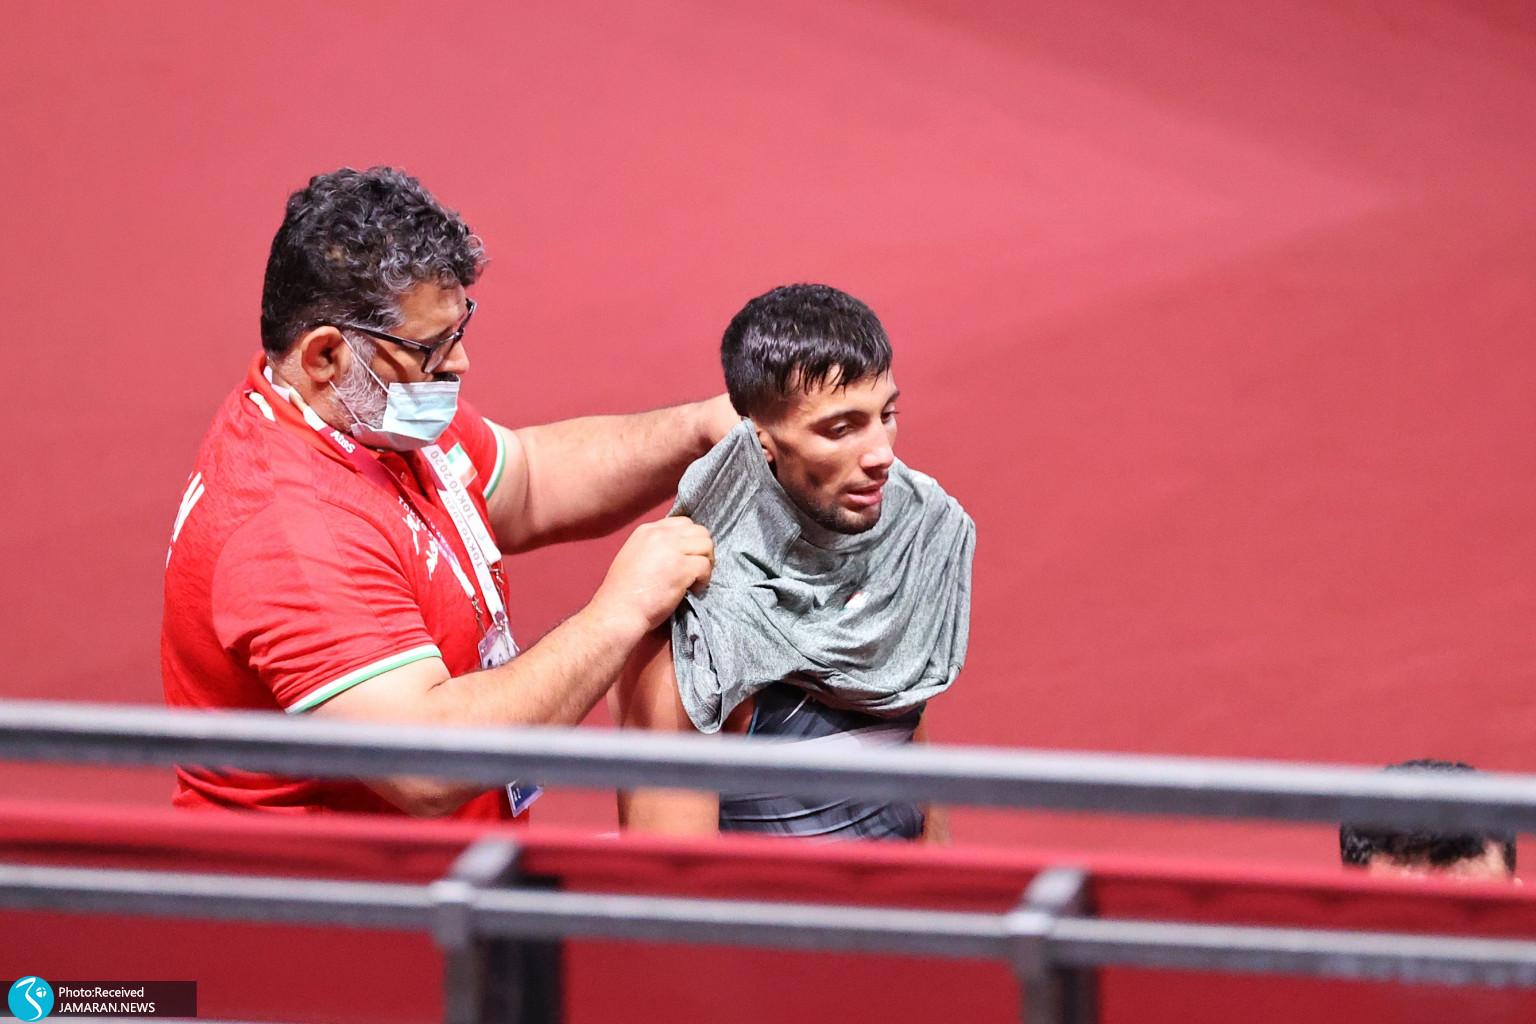 محمدرضا گرایی کشتی فرنگی المپیک رسول جزینی